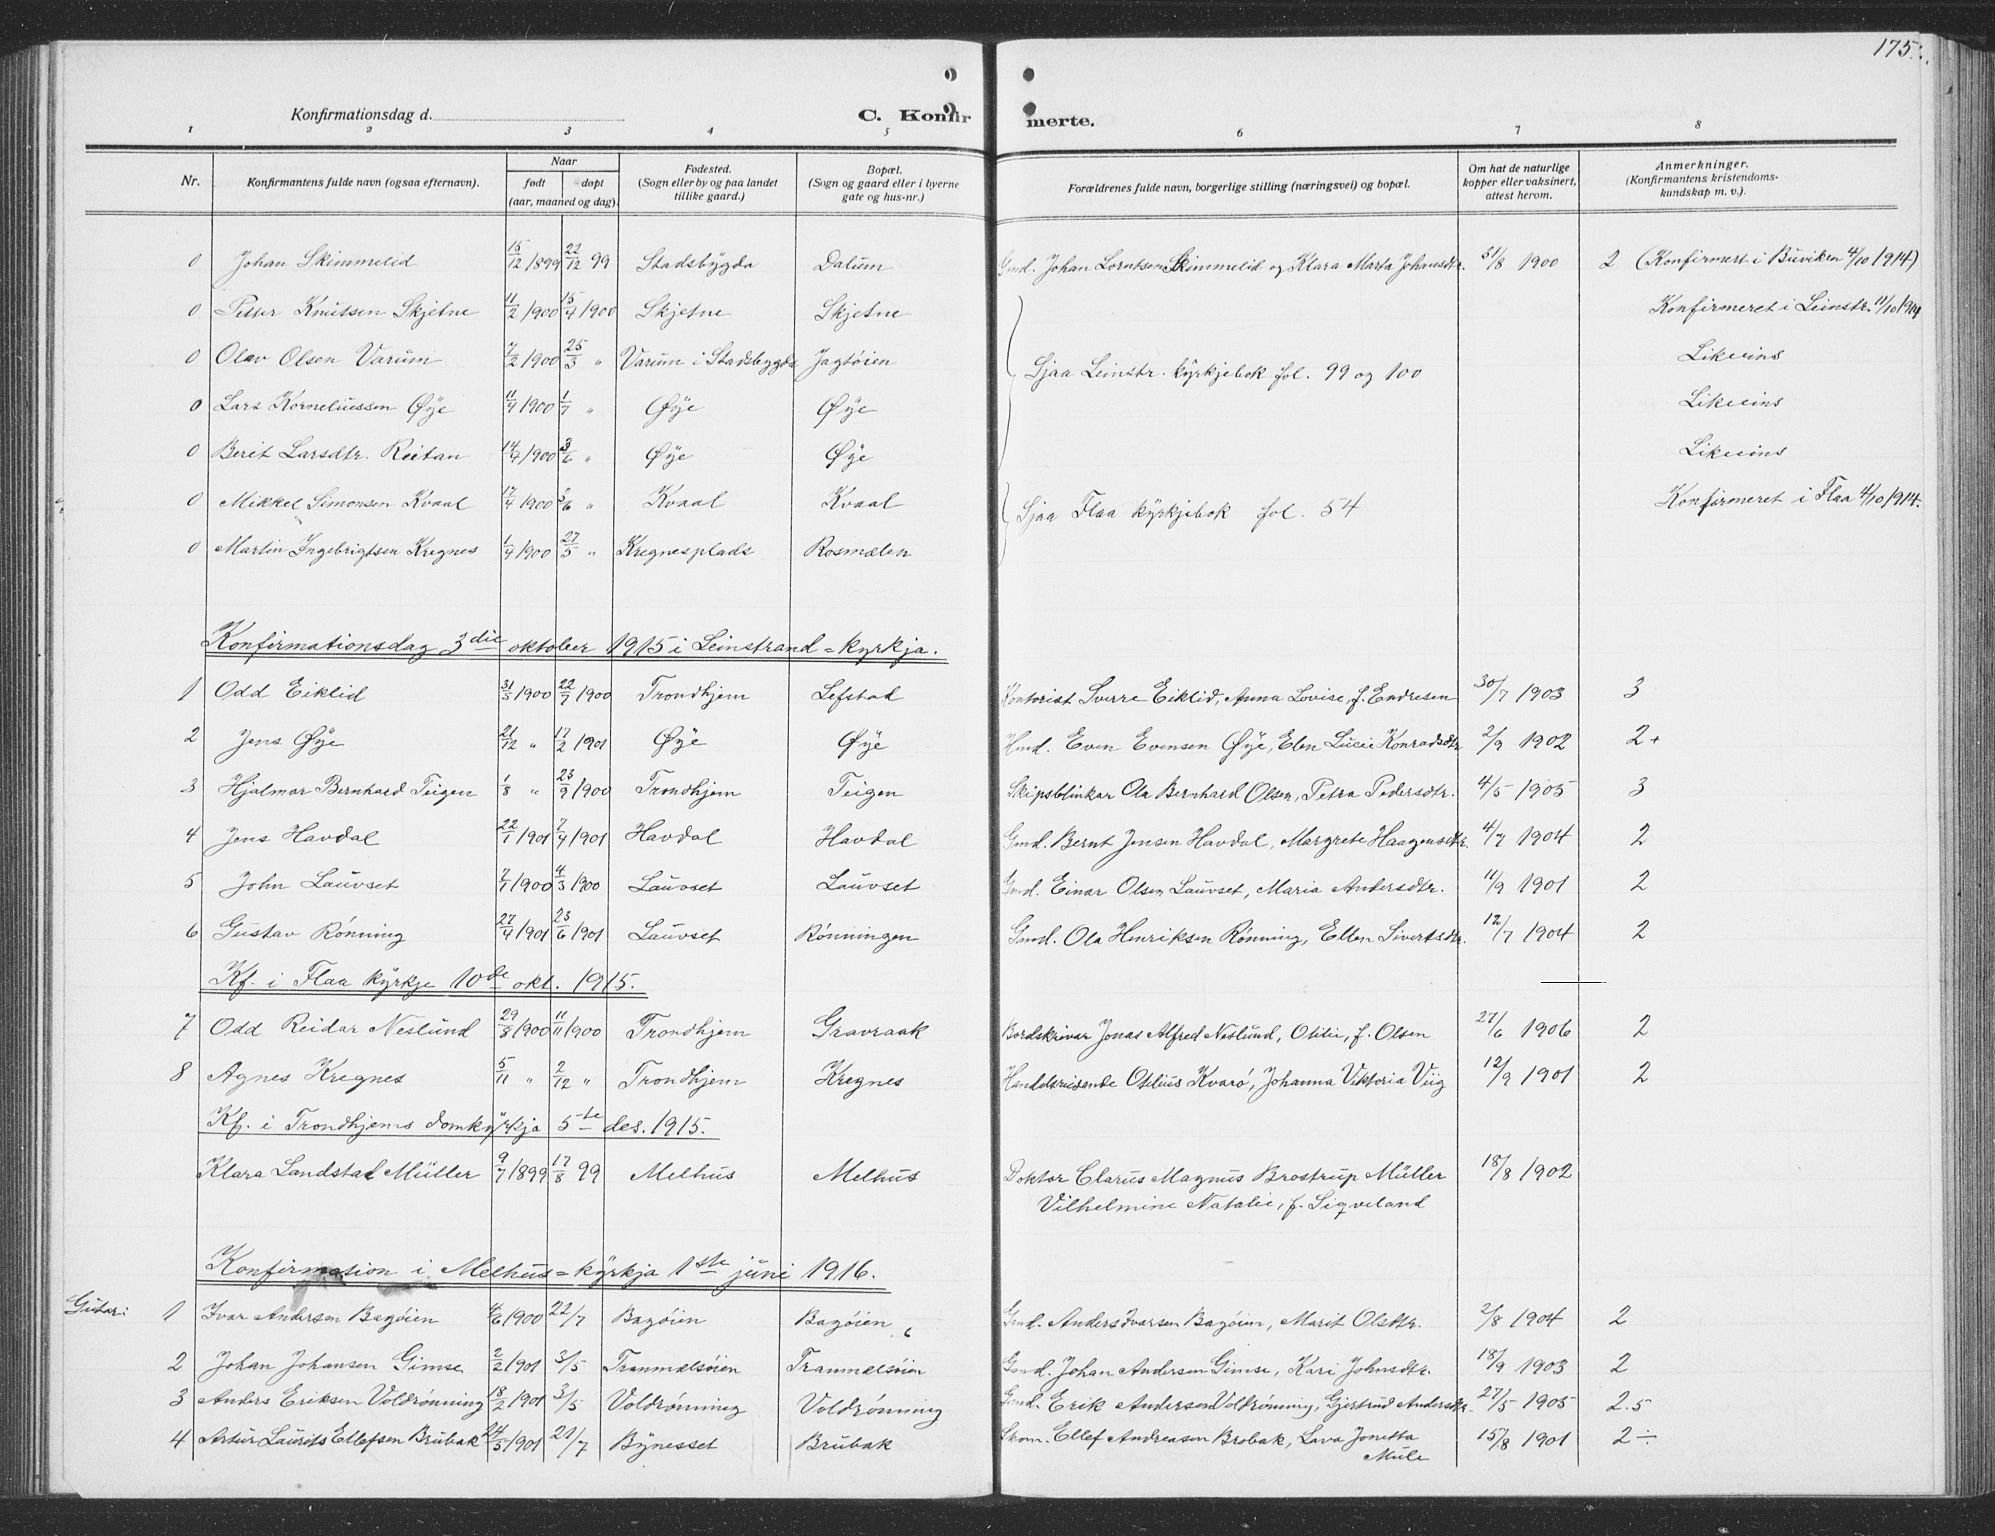 SAT, Ministerialprotokoller, klokkerbøker og fødselsregistre - Sør-Trøndelag, 691/L1095: Klokkerbok nr. 691C06, 1912-1933, s. 175